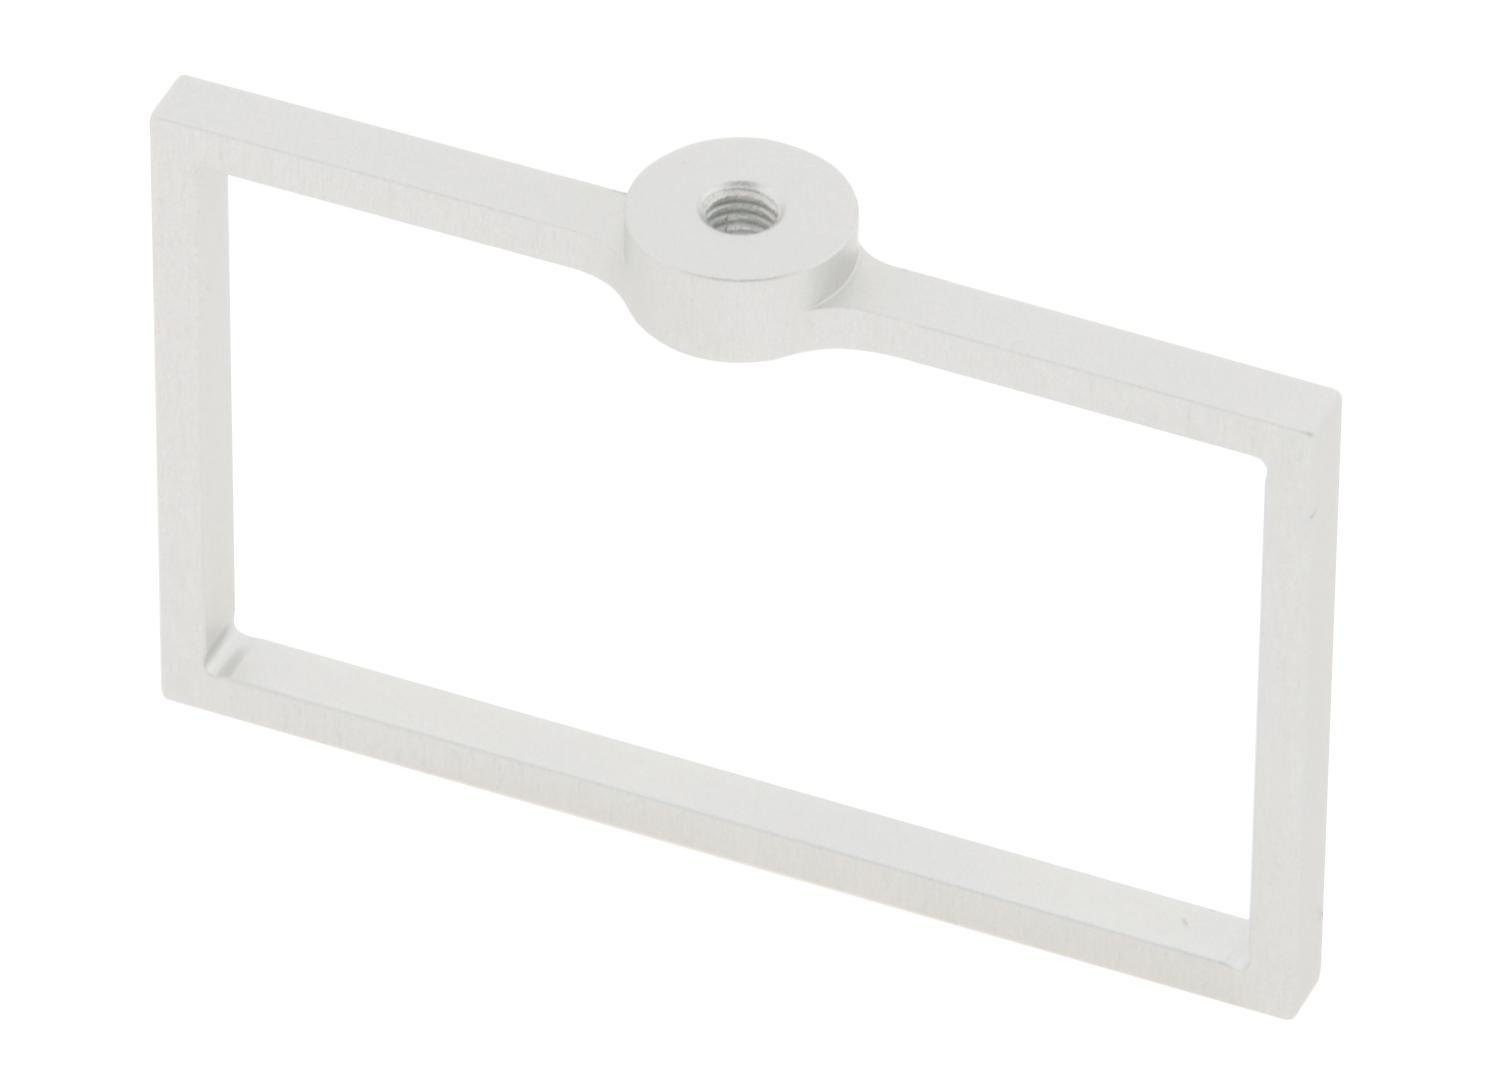 1 Stk TBH Profilhalter eckig horizontal für Seilabhänger LIPZ009030